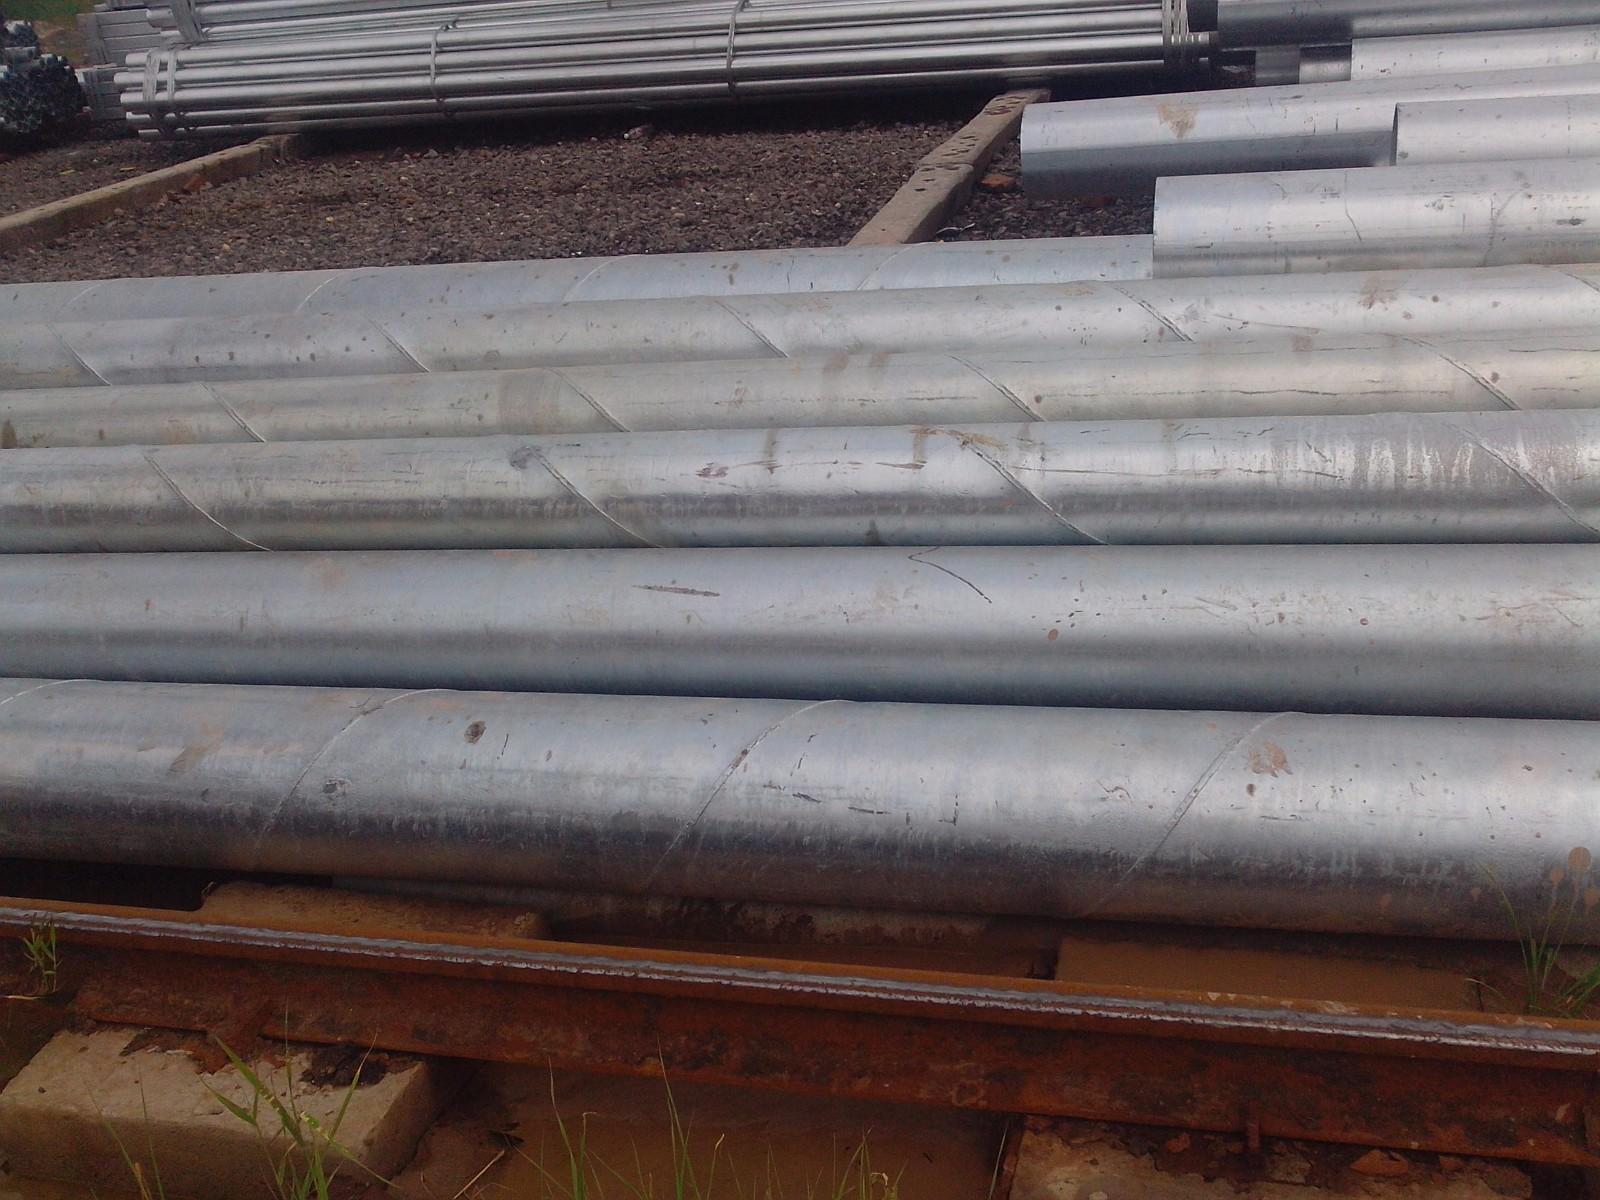 鍍鋅螺旋鋼管 鍍鋅螺旋鋼管-滄州市鑫宜達鋼管集團股份有限公司.